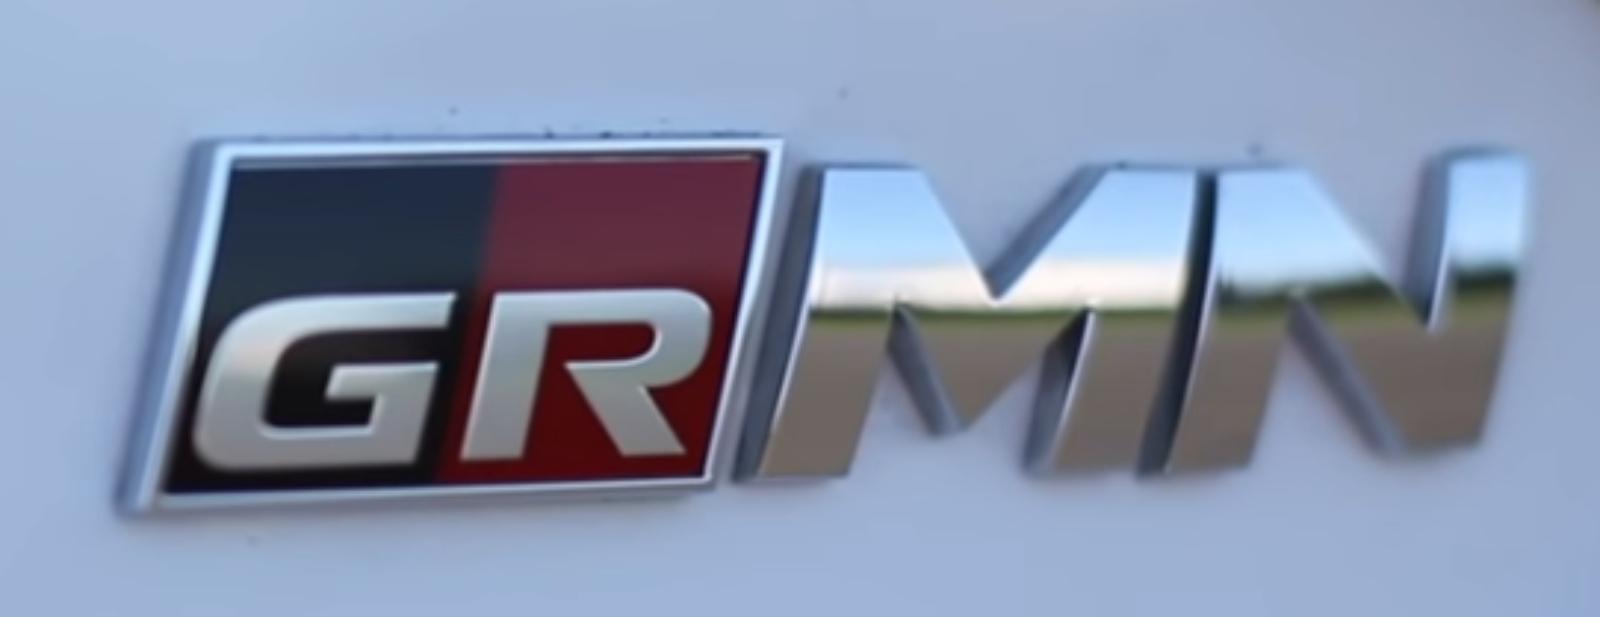 Регистрация товарного знака GRMN